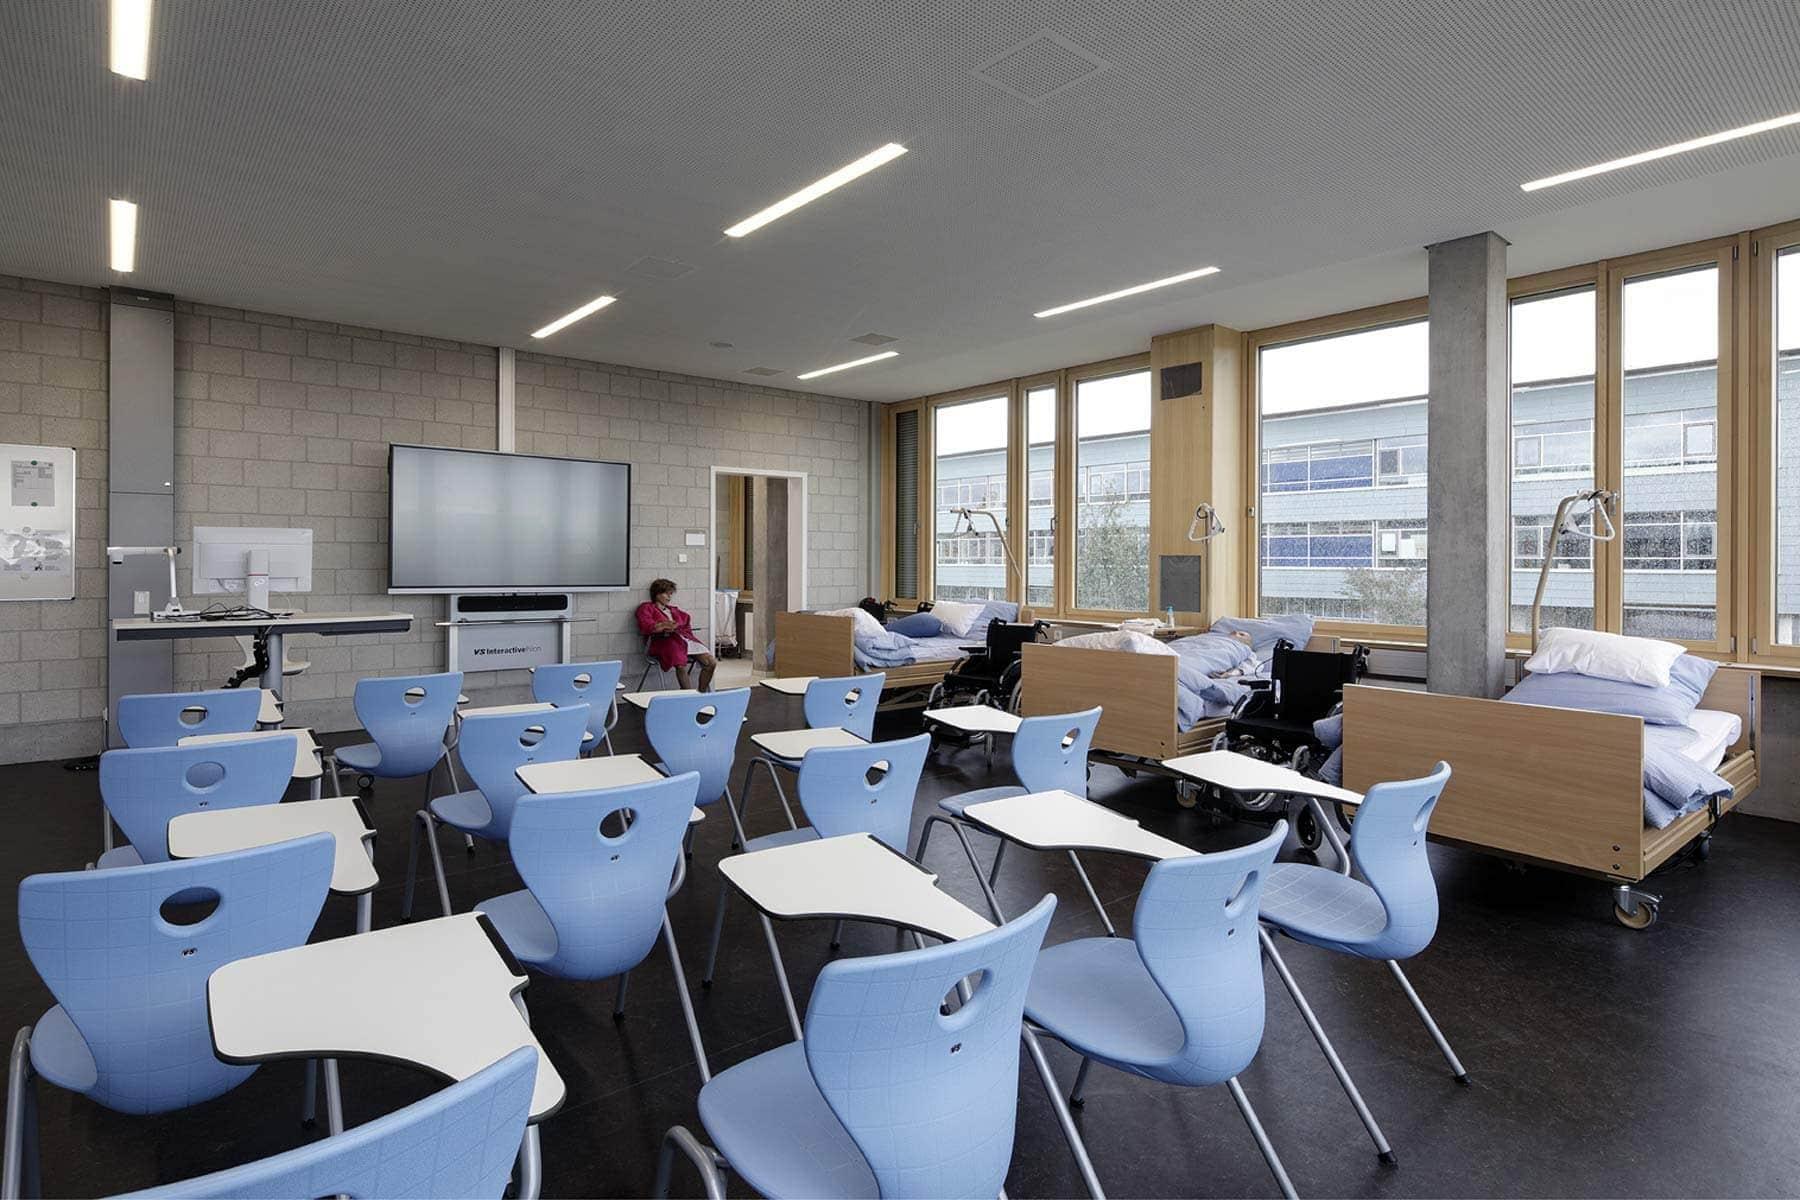 Berufliche Schule Bad Krozingen Klassenzimmer